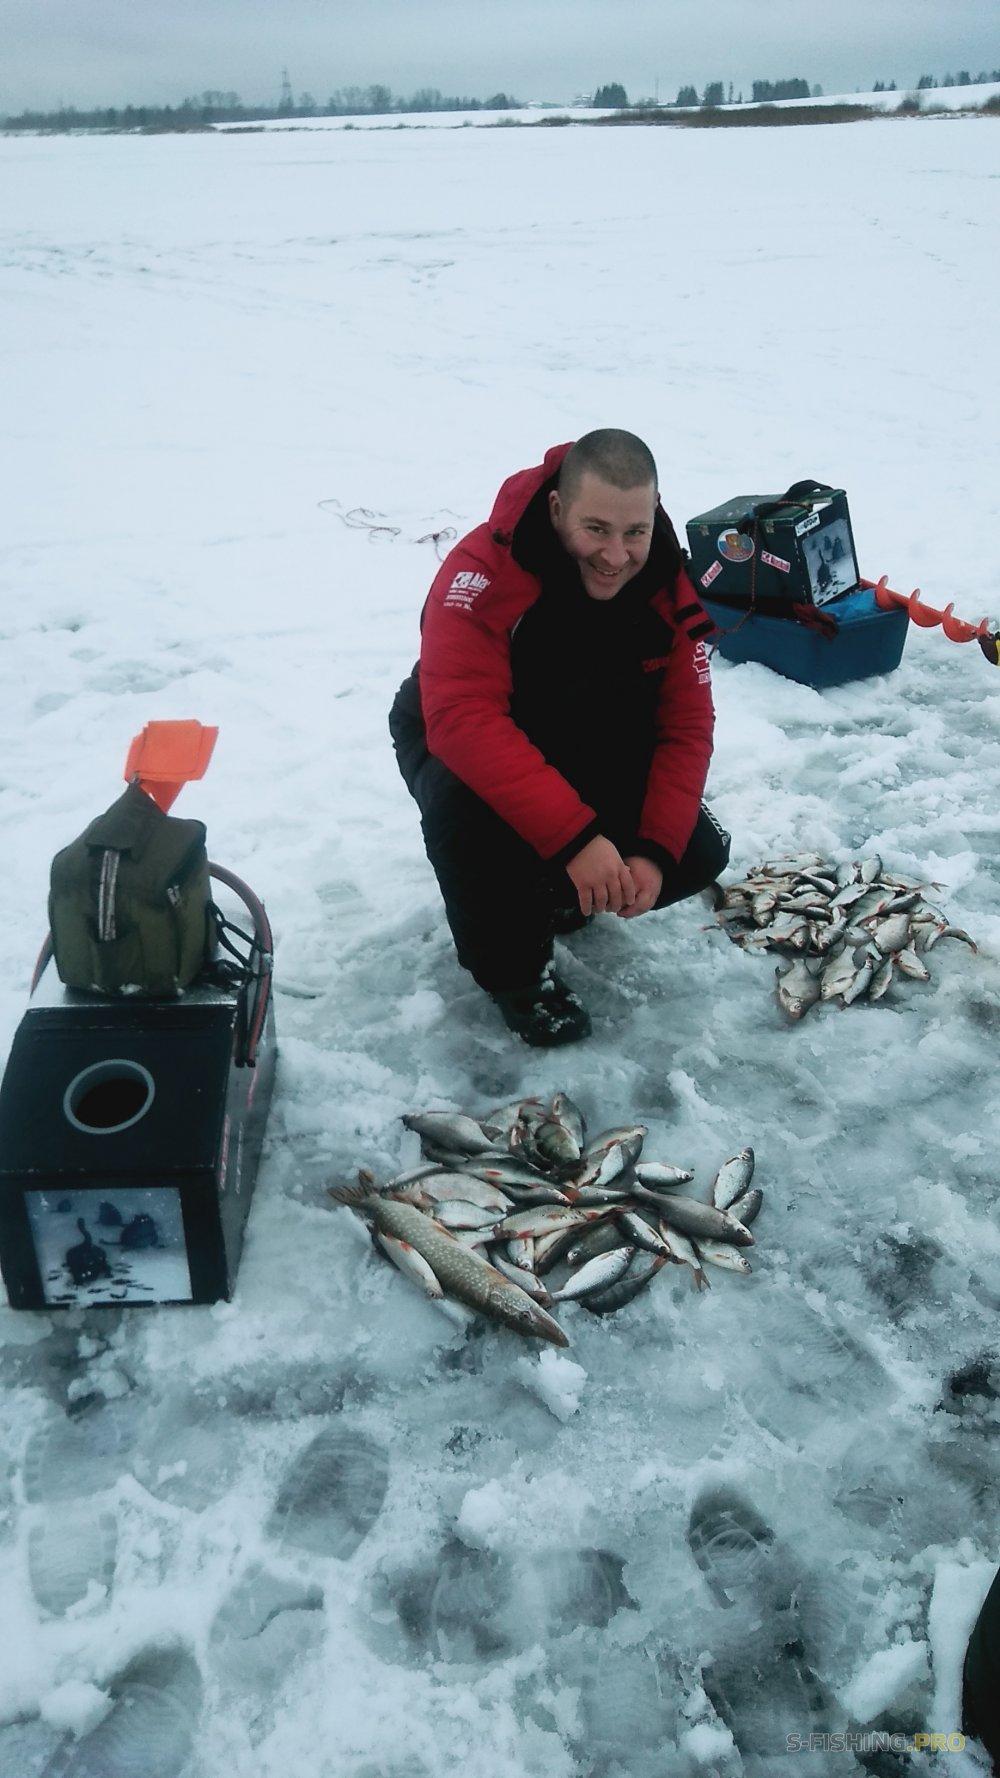 EcoGroup - эксклюзивный представитель брендов Maximus, Alaskan, LureMax, PowerPhantom, BlackSide, EcoPro, Saykio: Просто рыбалка в свое удовольствие!!!